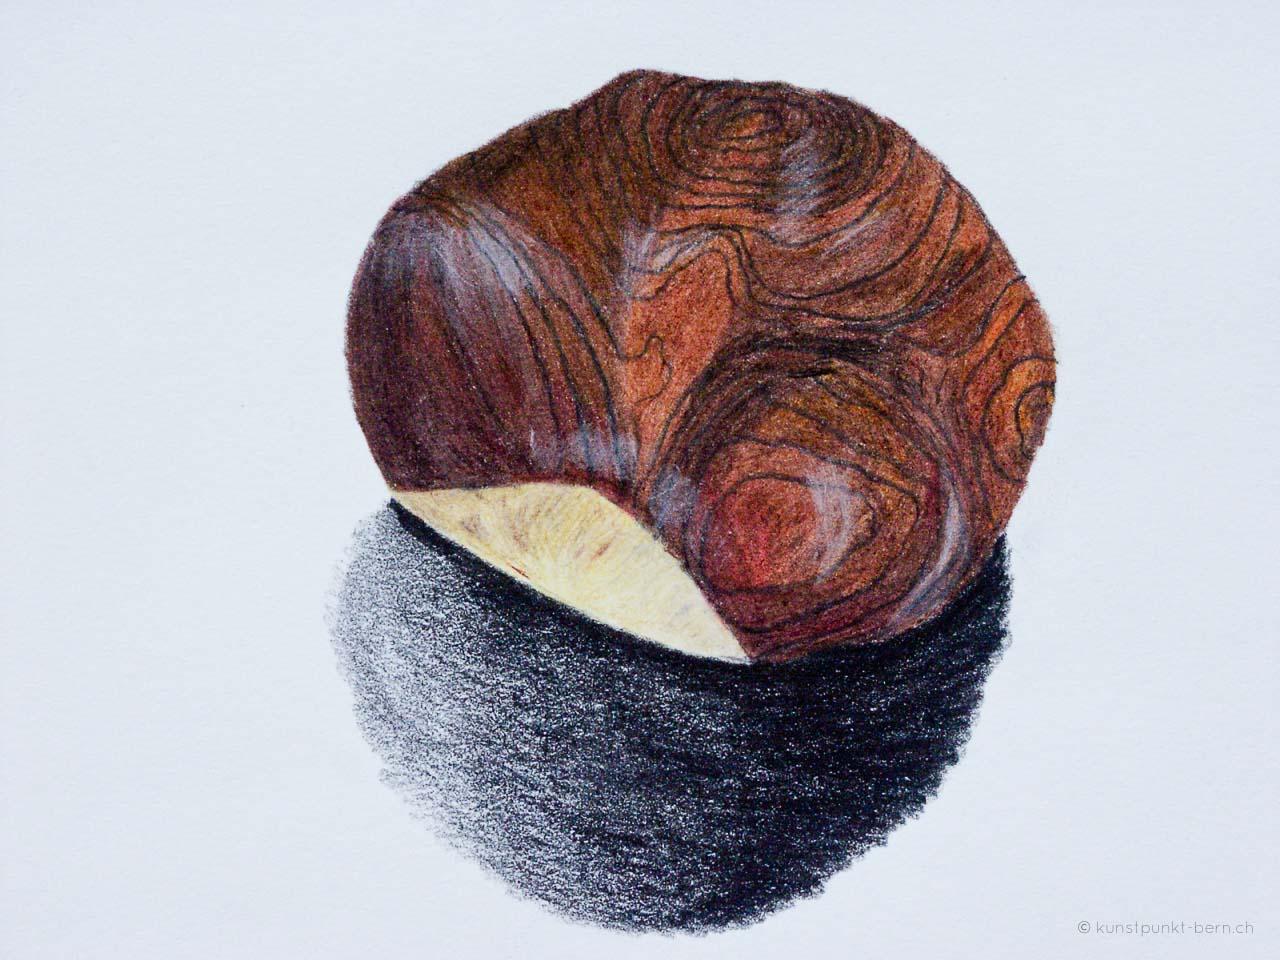 Gefunden - Farbstift auf Papier - von Judith Kaffka - kunstpunkt-bern.ch